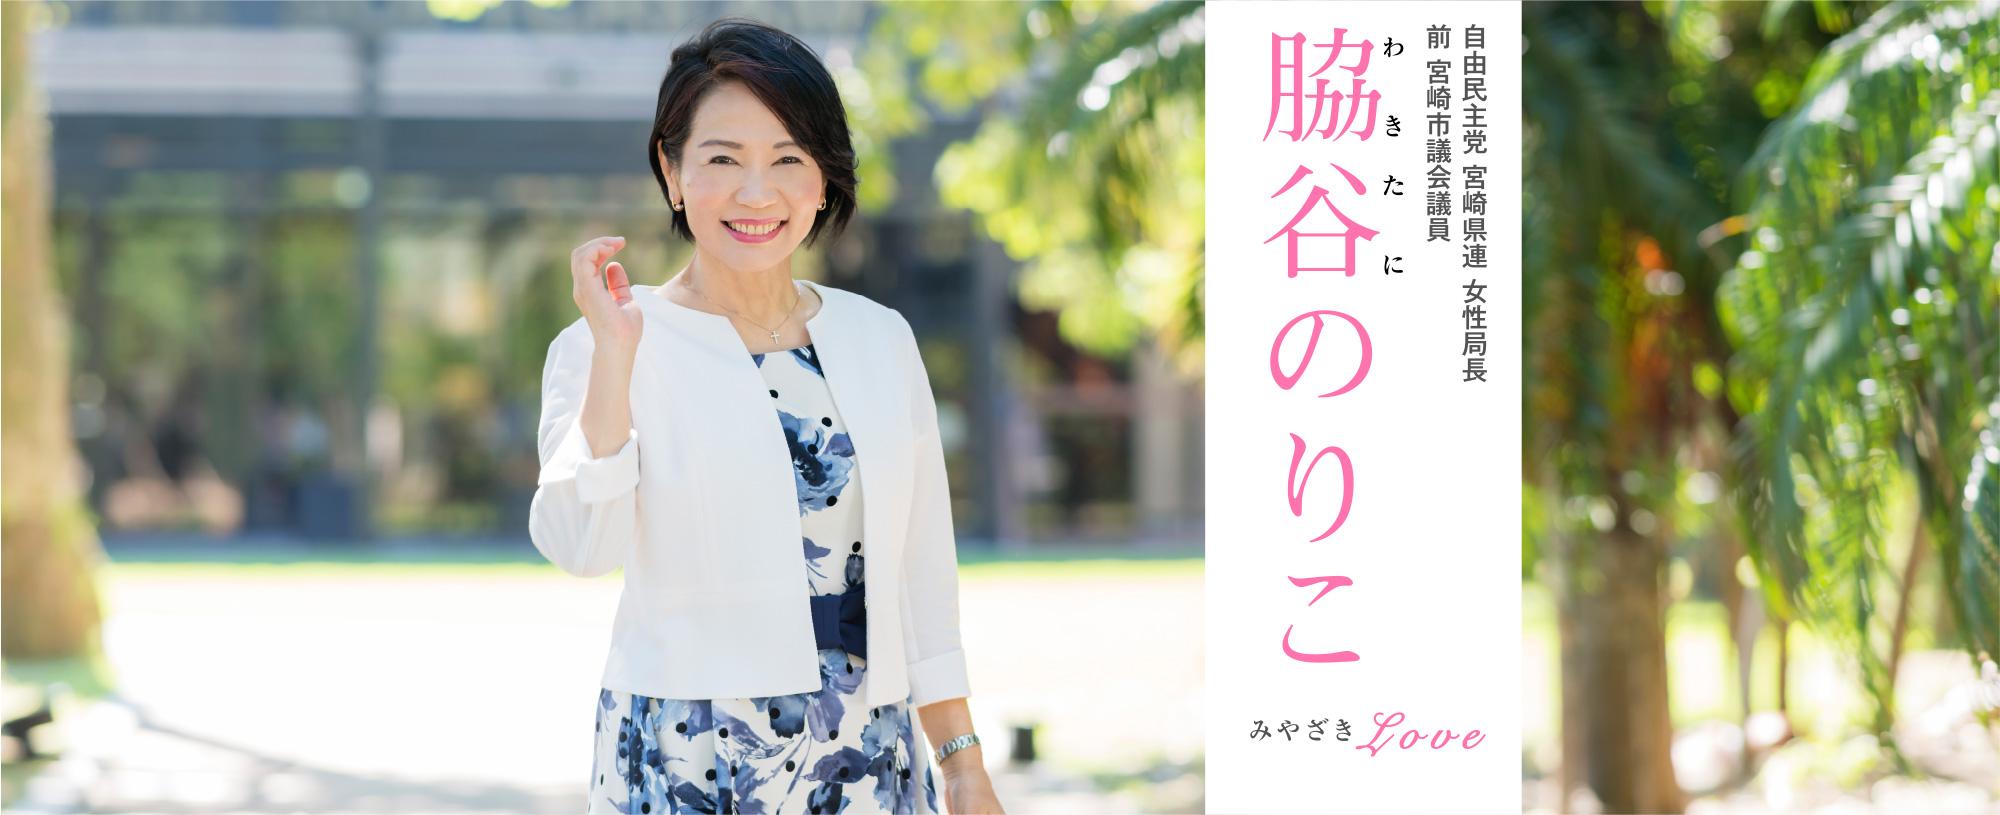 自由民主党 宮崎県連 女性局長 前宮崎市議会議員 脇谷のりこ